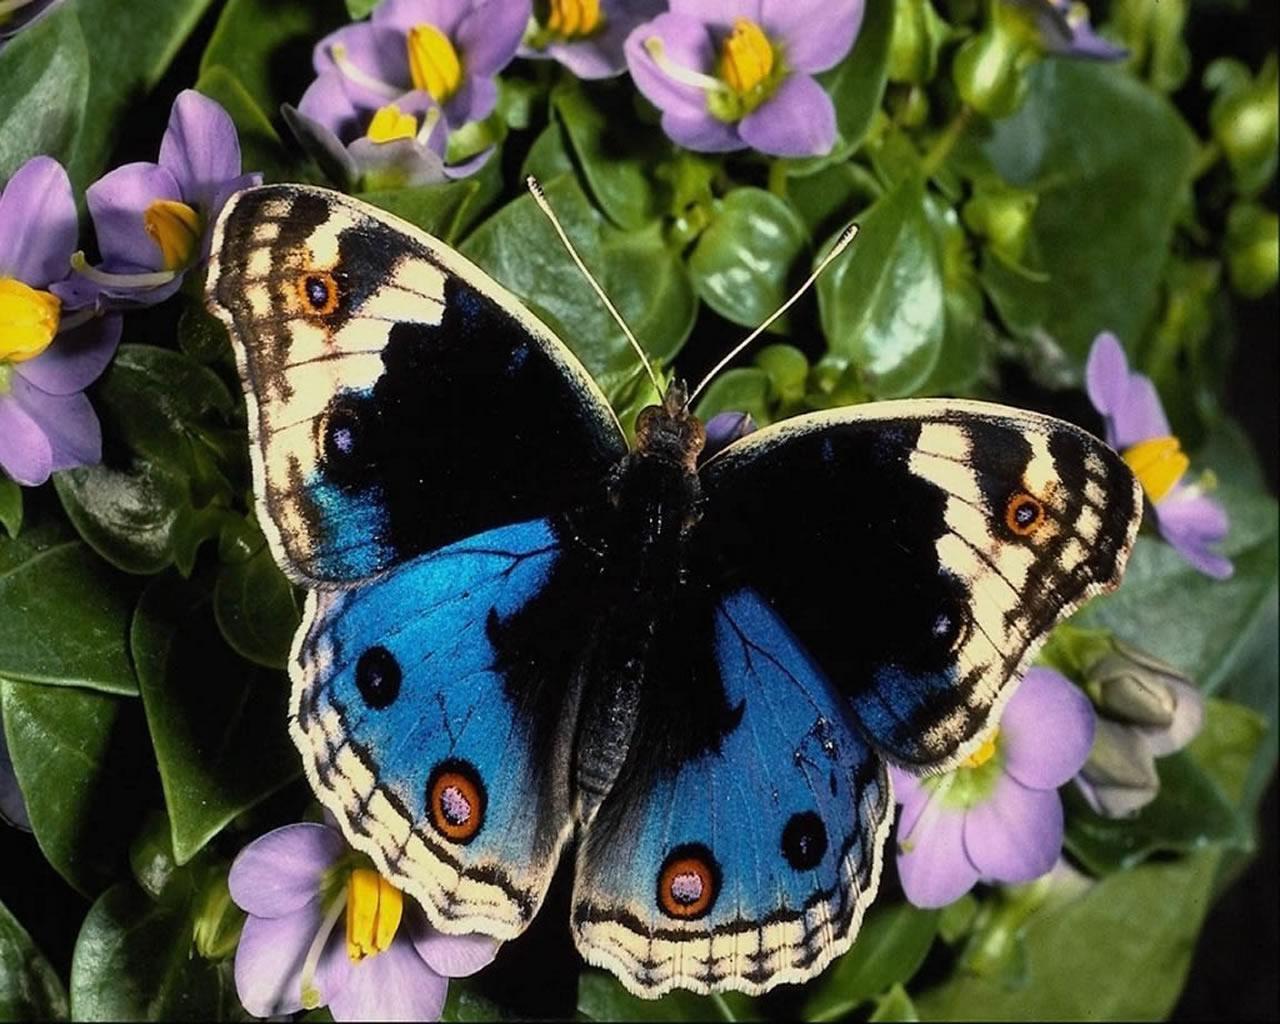 download wallpaper: een vlinder op een bloem wallpaper